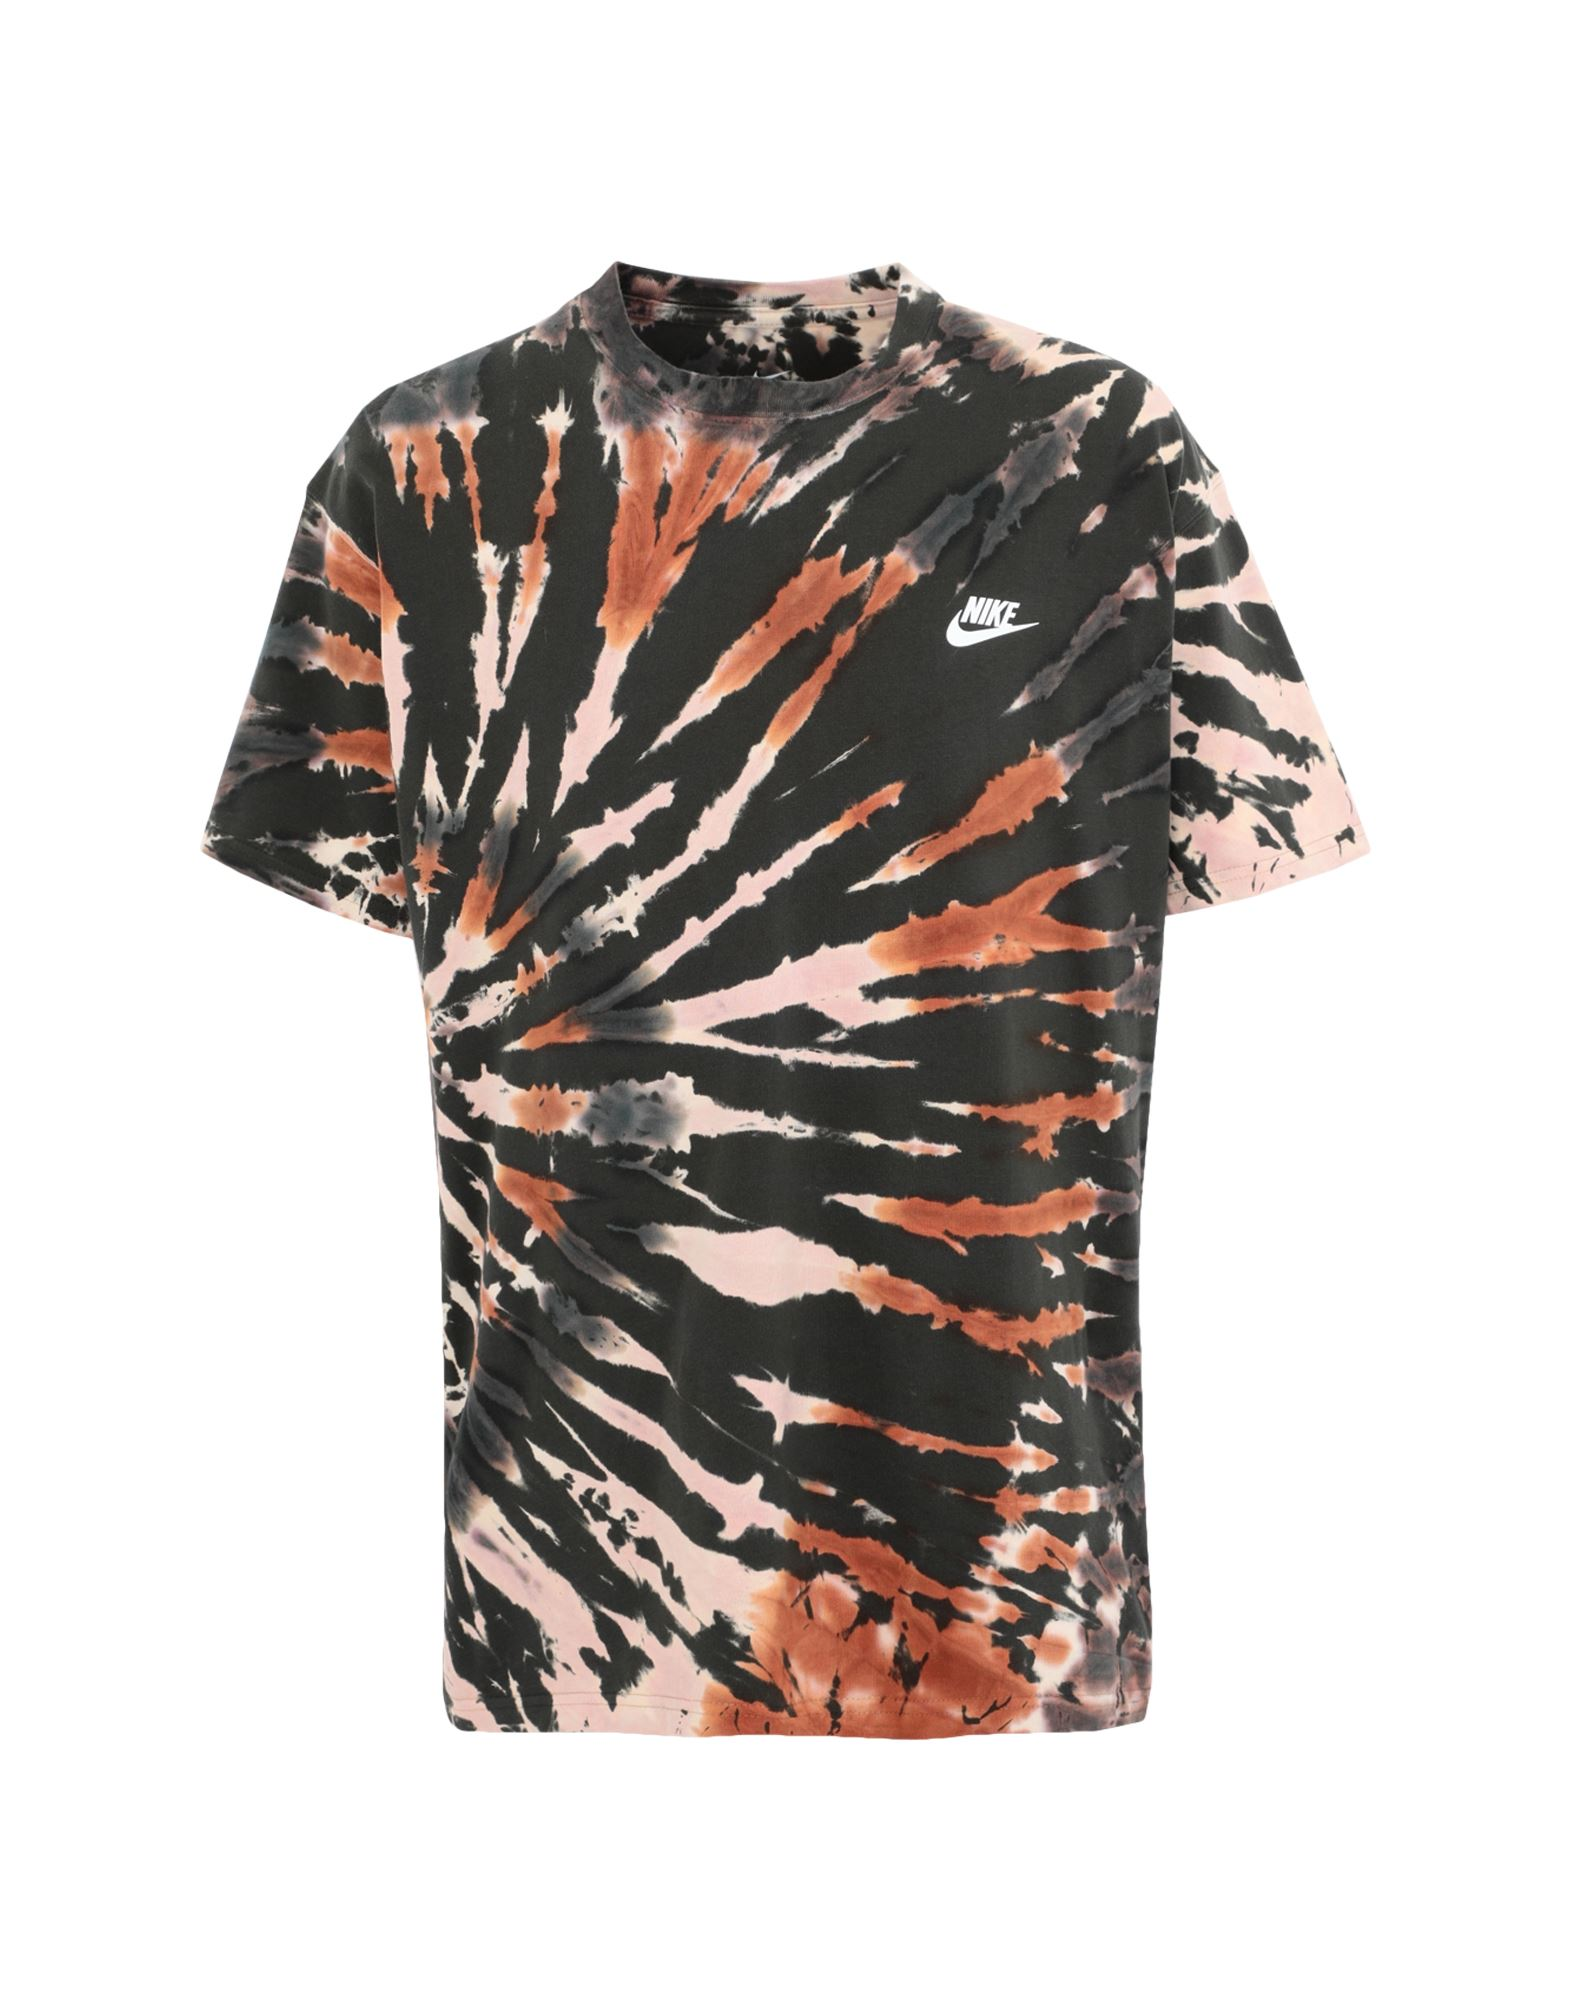 Фото - NIKE Футболка футболка подростковая nike dry strike ss aj1027 463